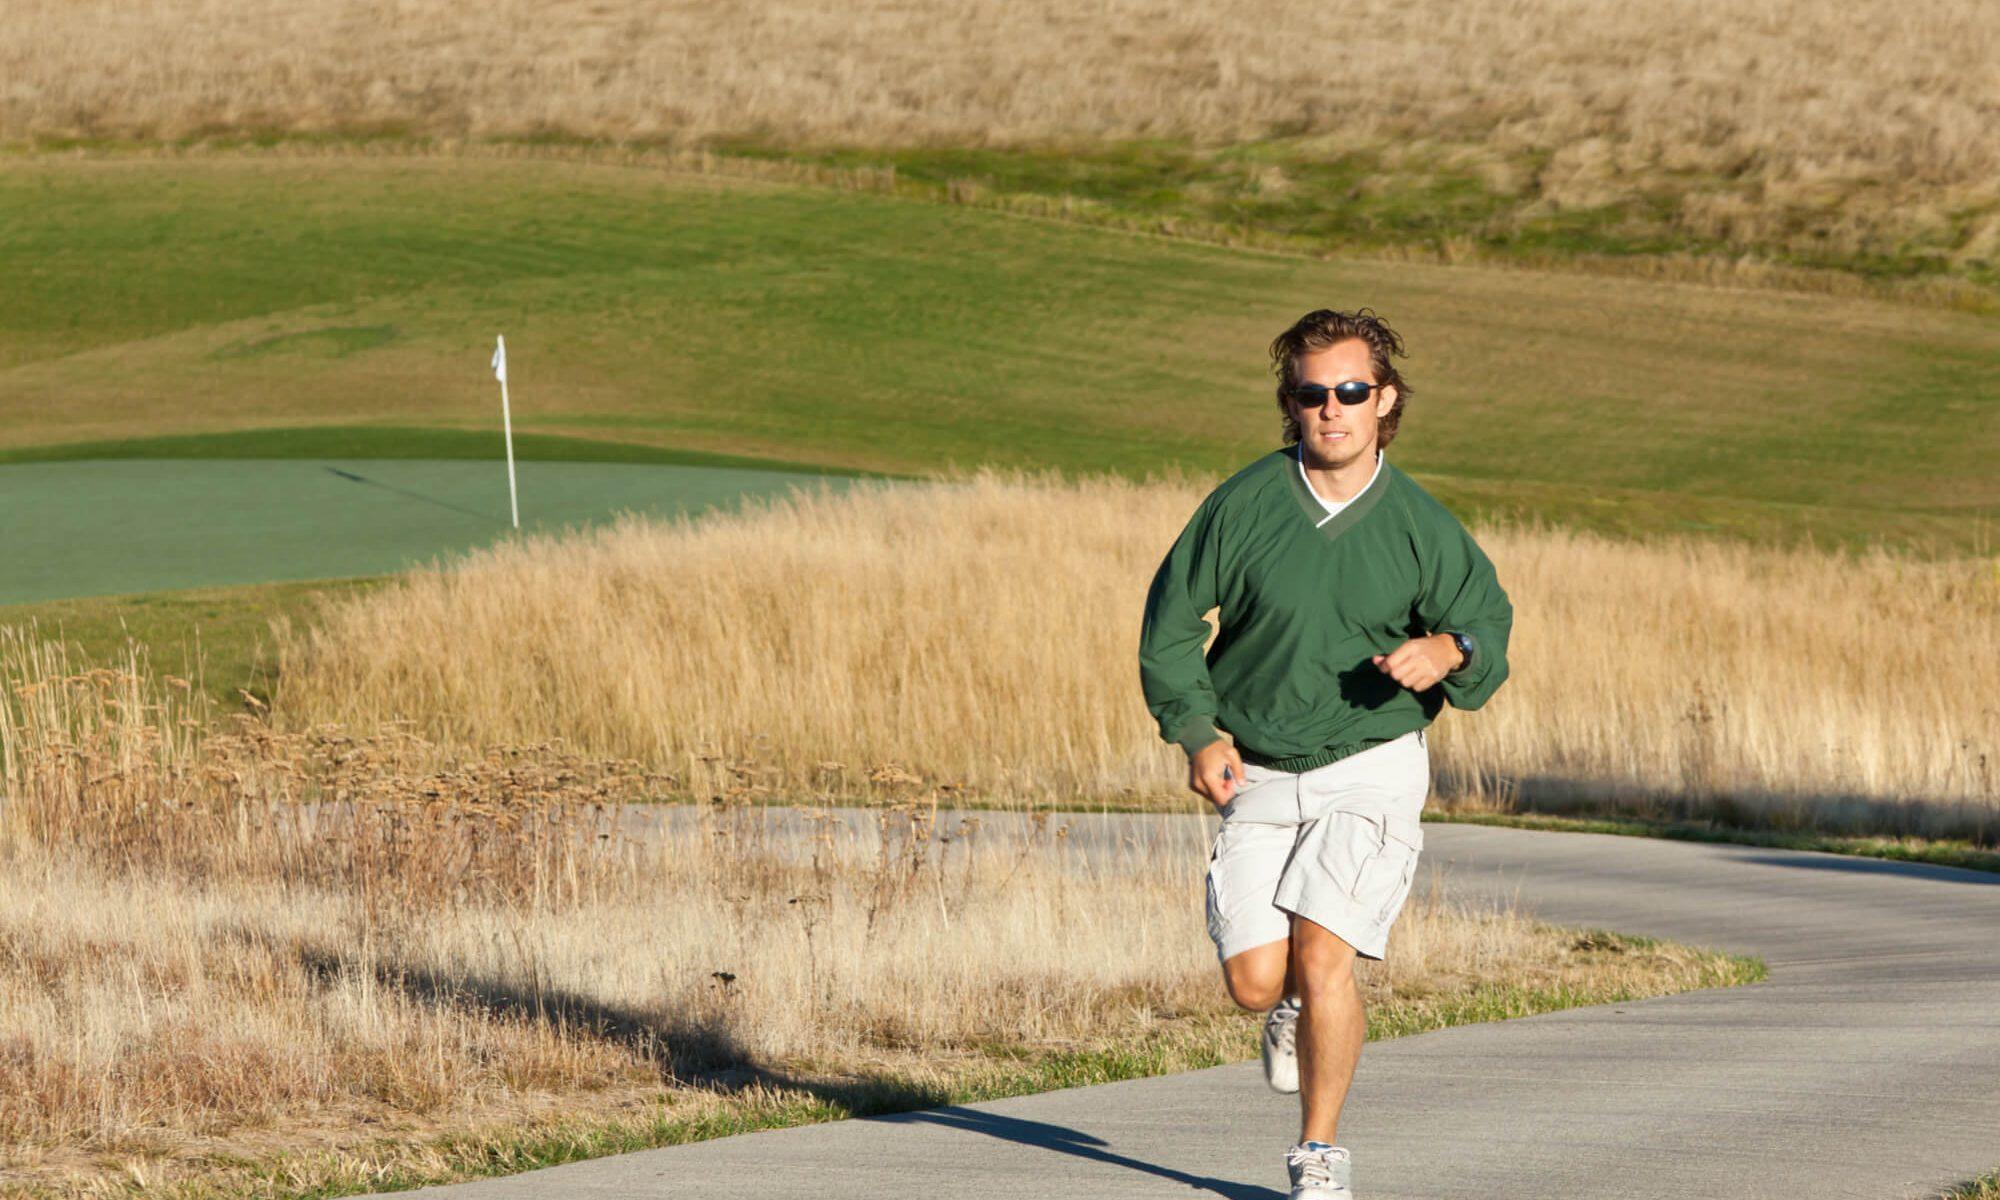 Courir autour d'un golf